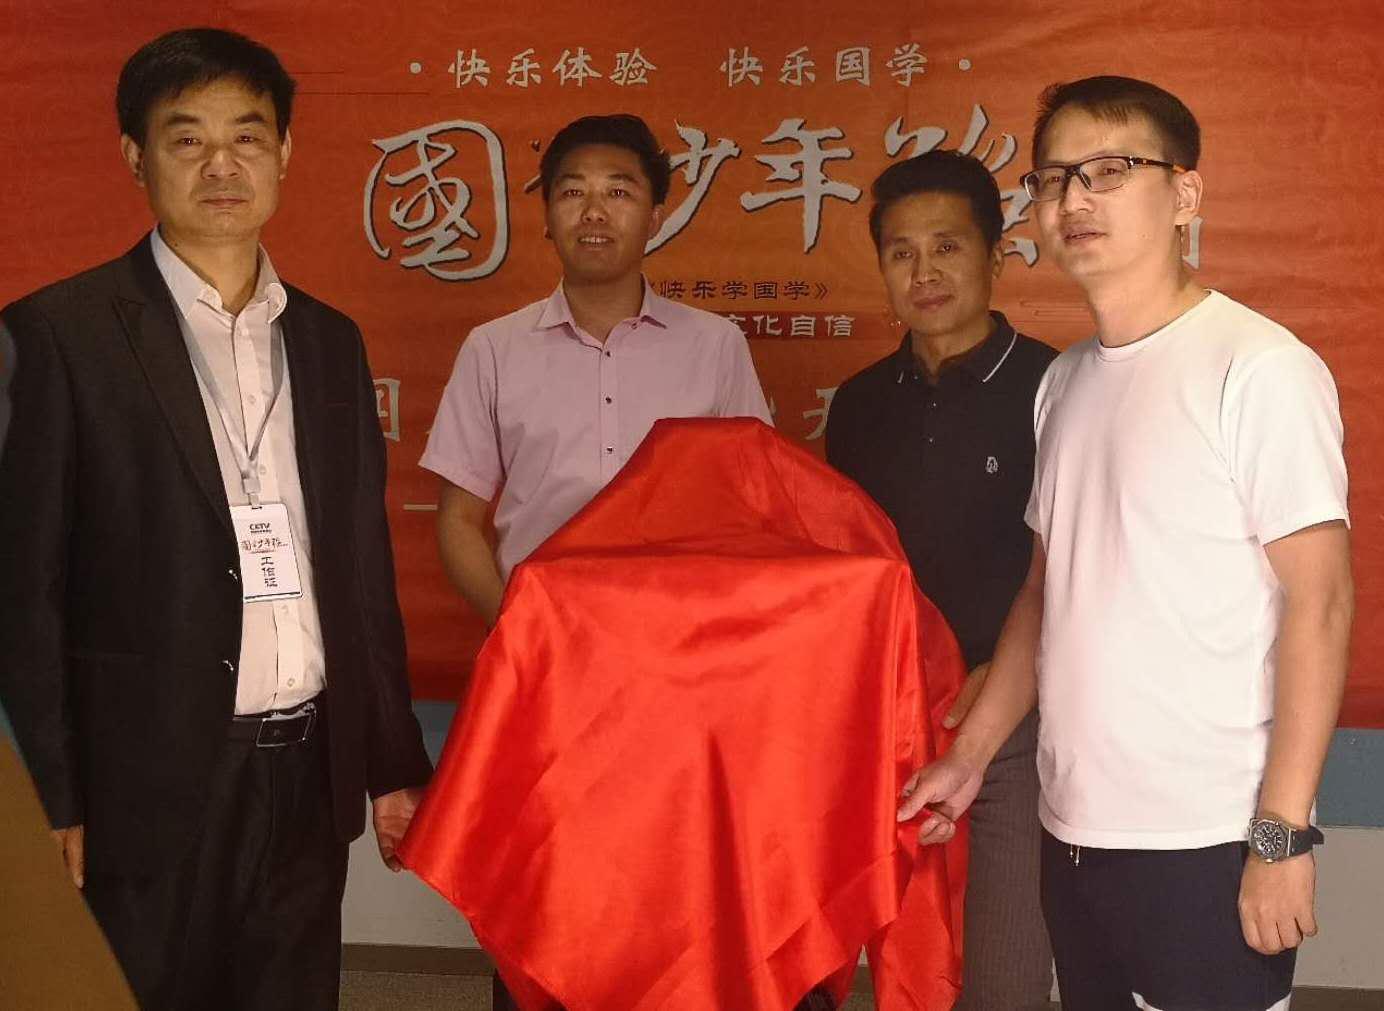 《国学少年强》栏目新闻发布会暨开机仪式在北京举行-中国商网 中国商报社1